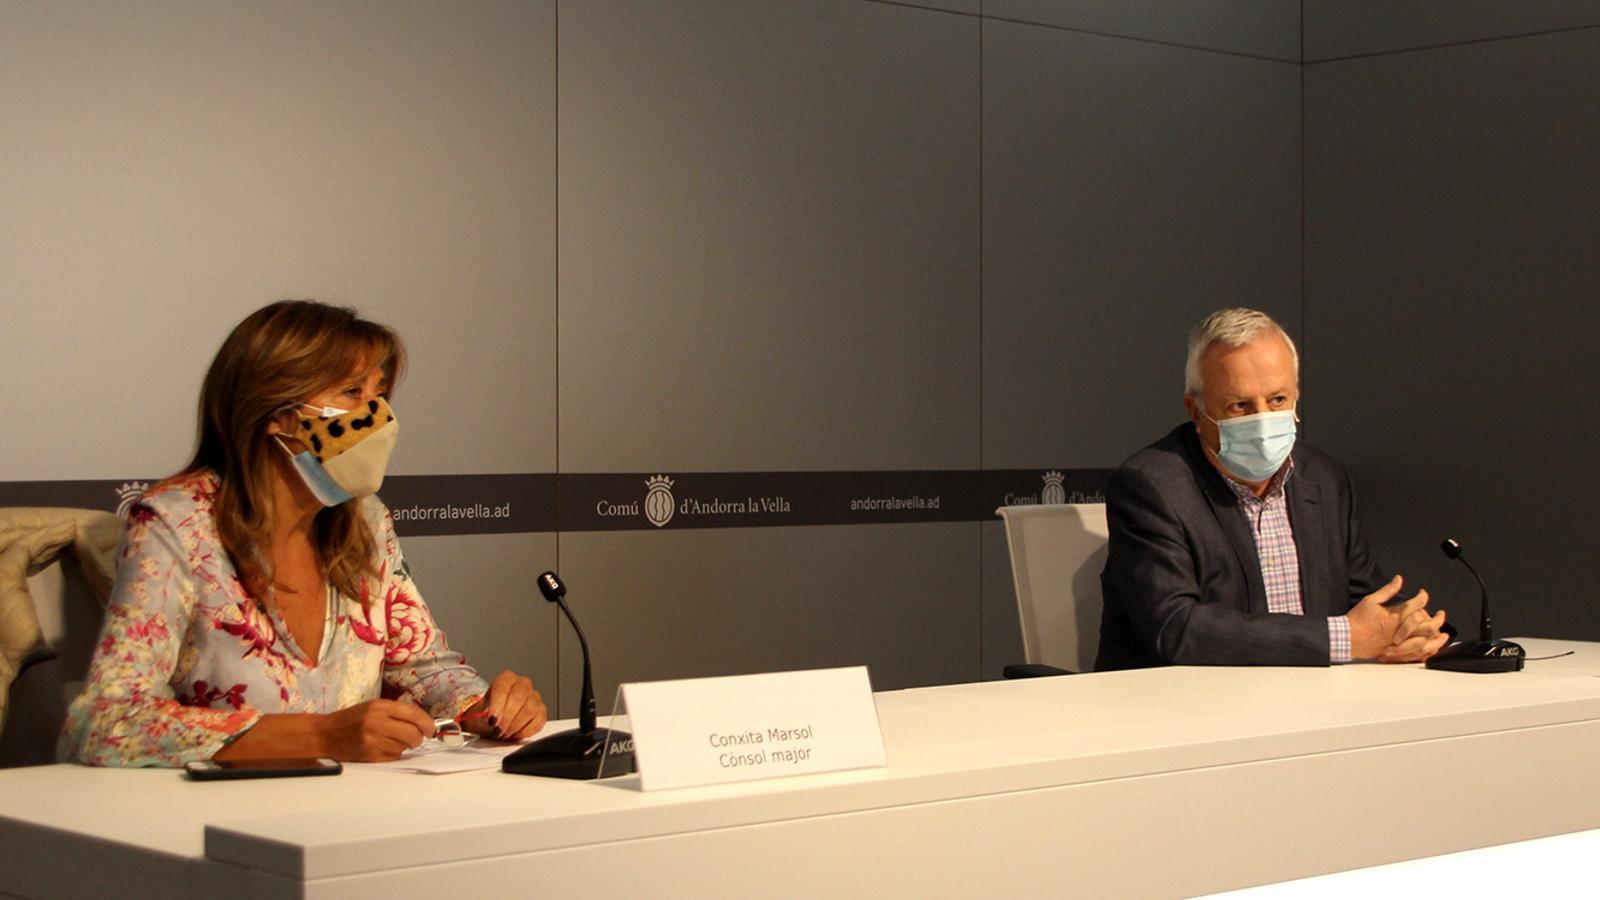 La cònsol major d'Andorra la Vella, Conxita Marsol, i el president de la Cambra de Comerç, Indústria i Serveis, Miquel Armengol, en la presentació de les ajudes als comerços / MF